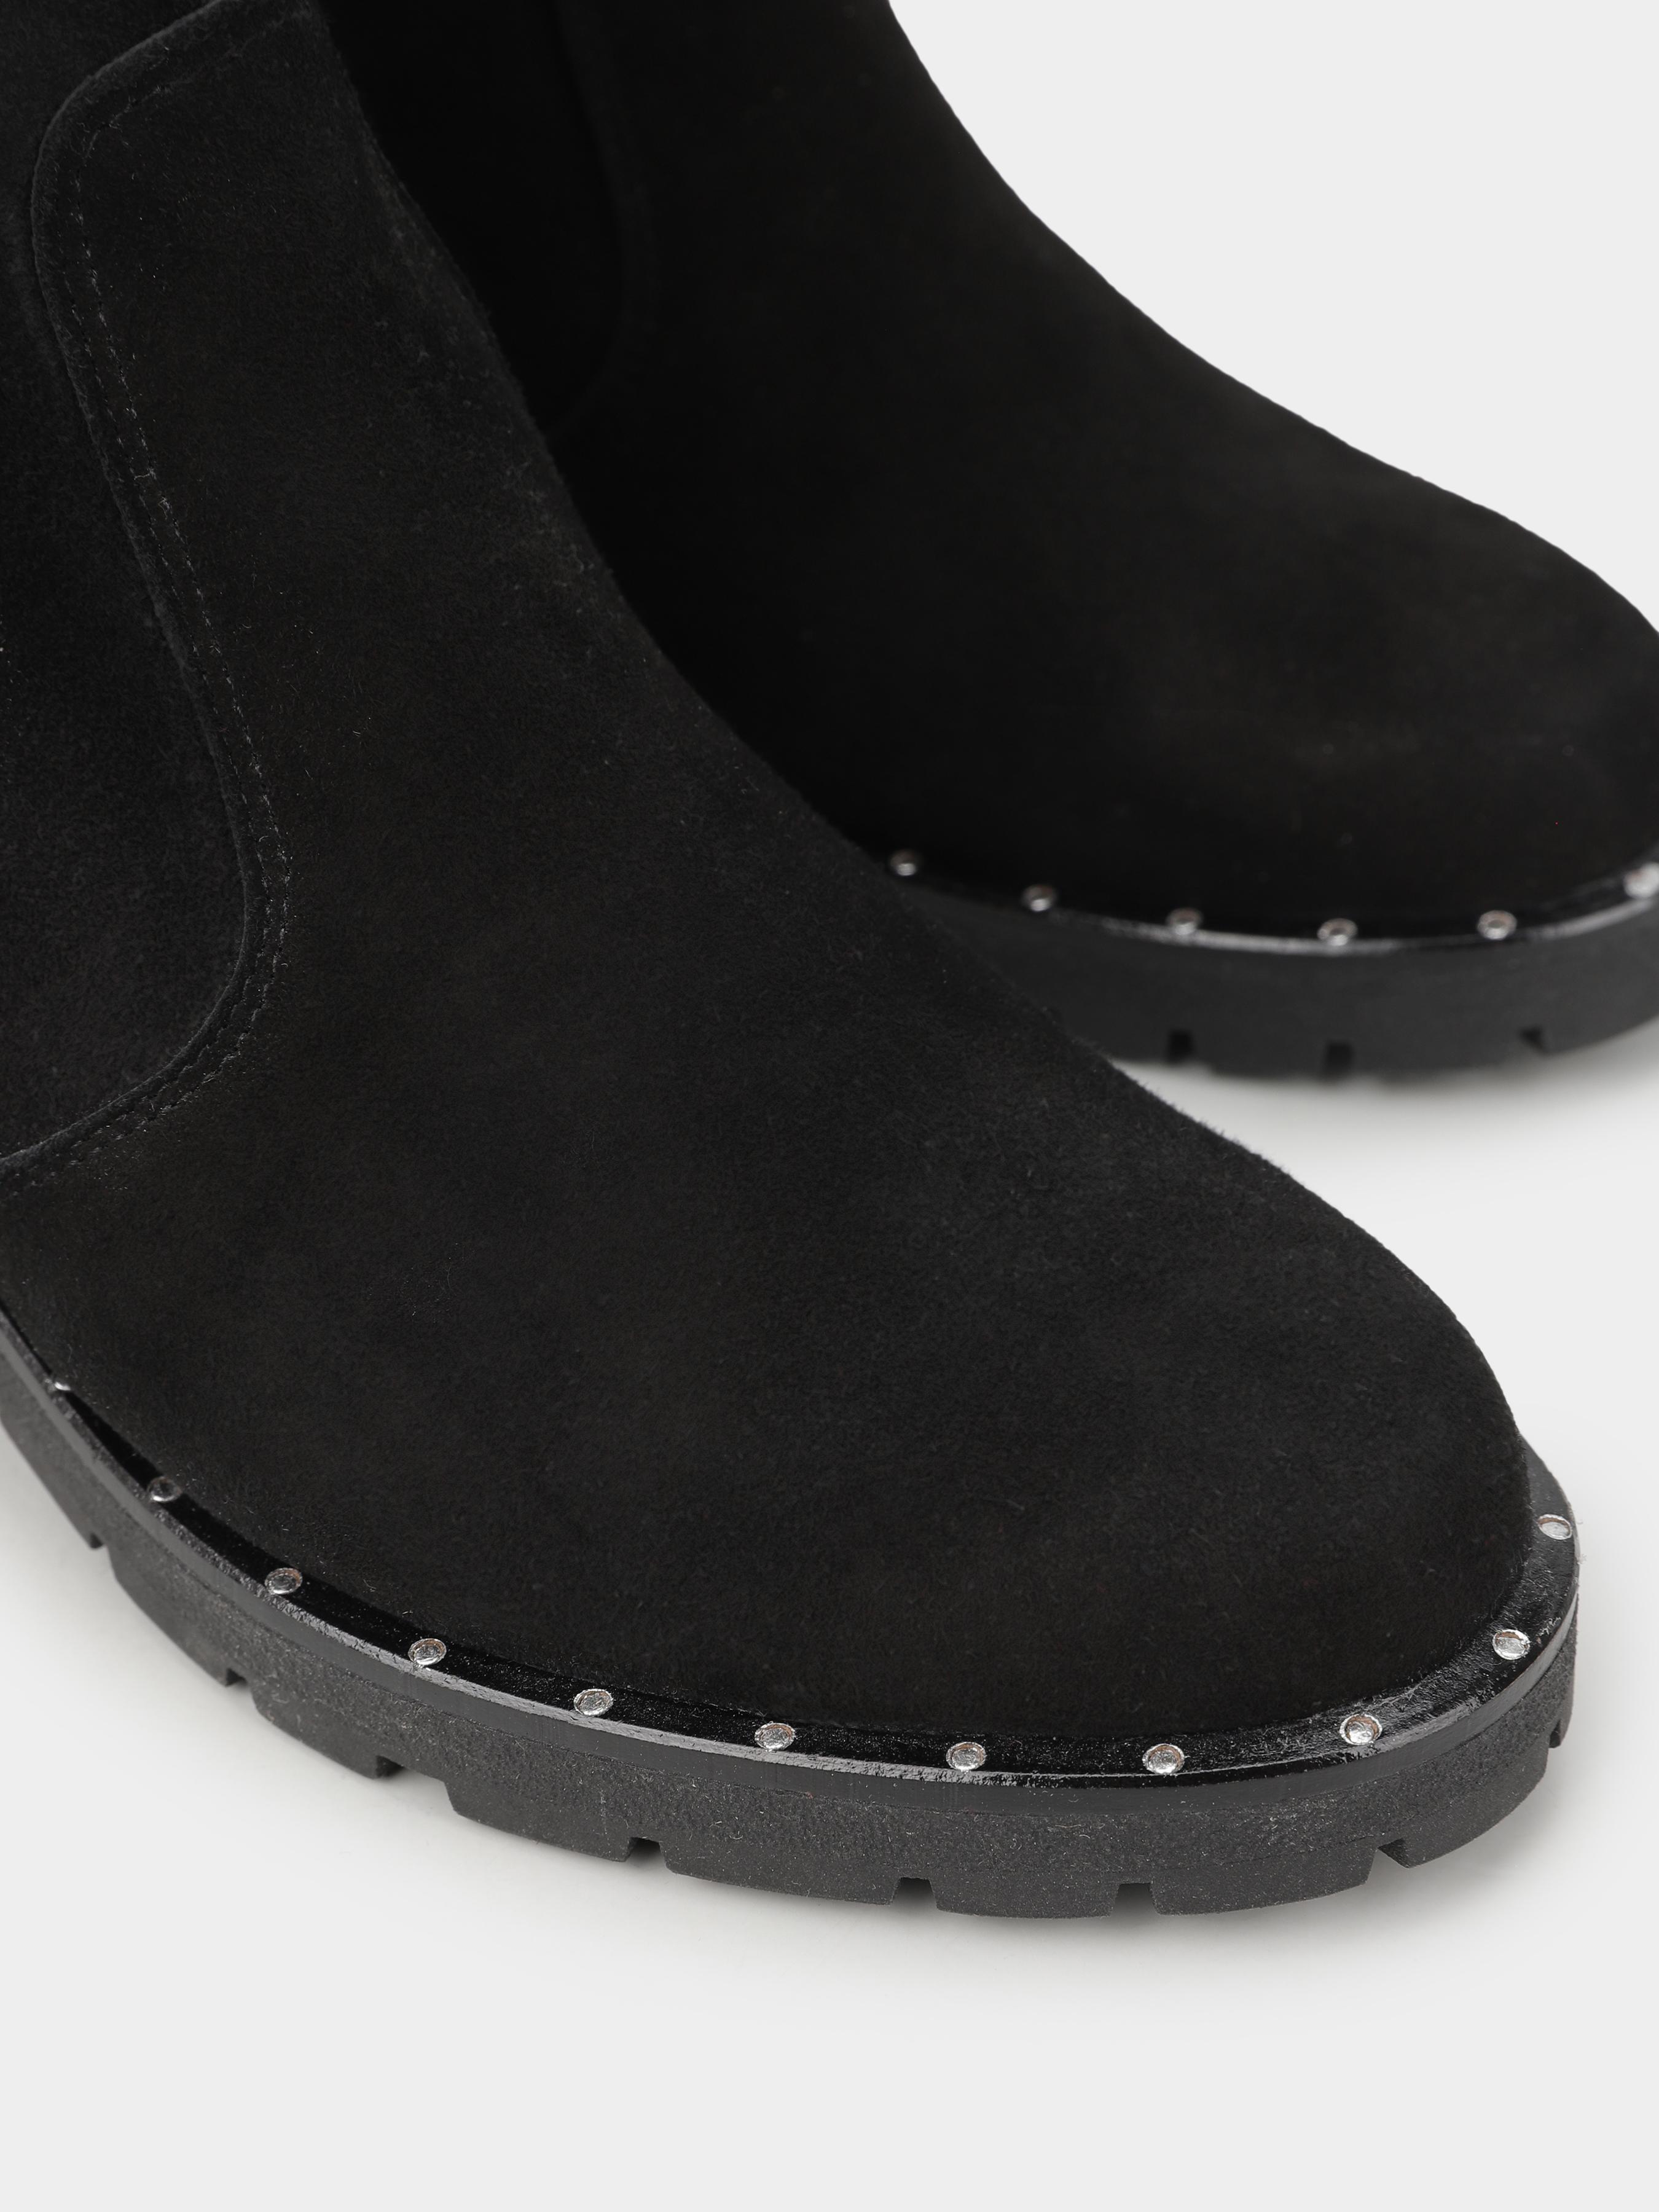 Ботинки для женщин Стептер 9K80 купить в Интертоп, 2017